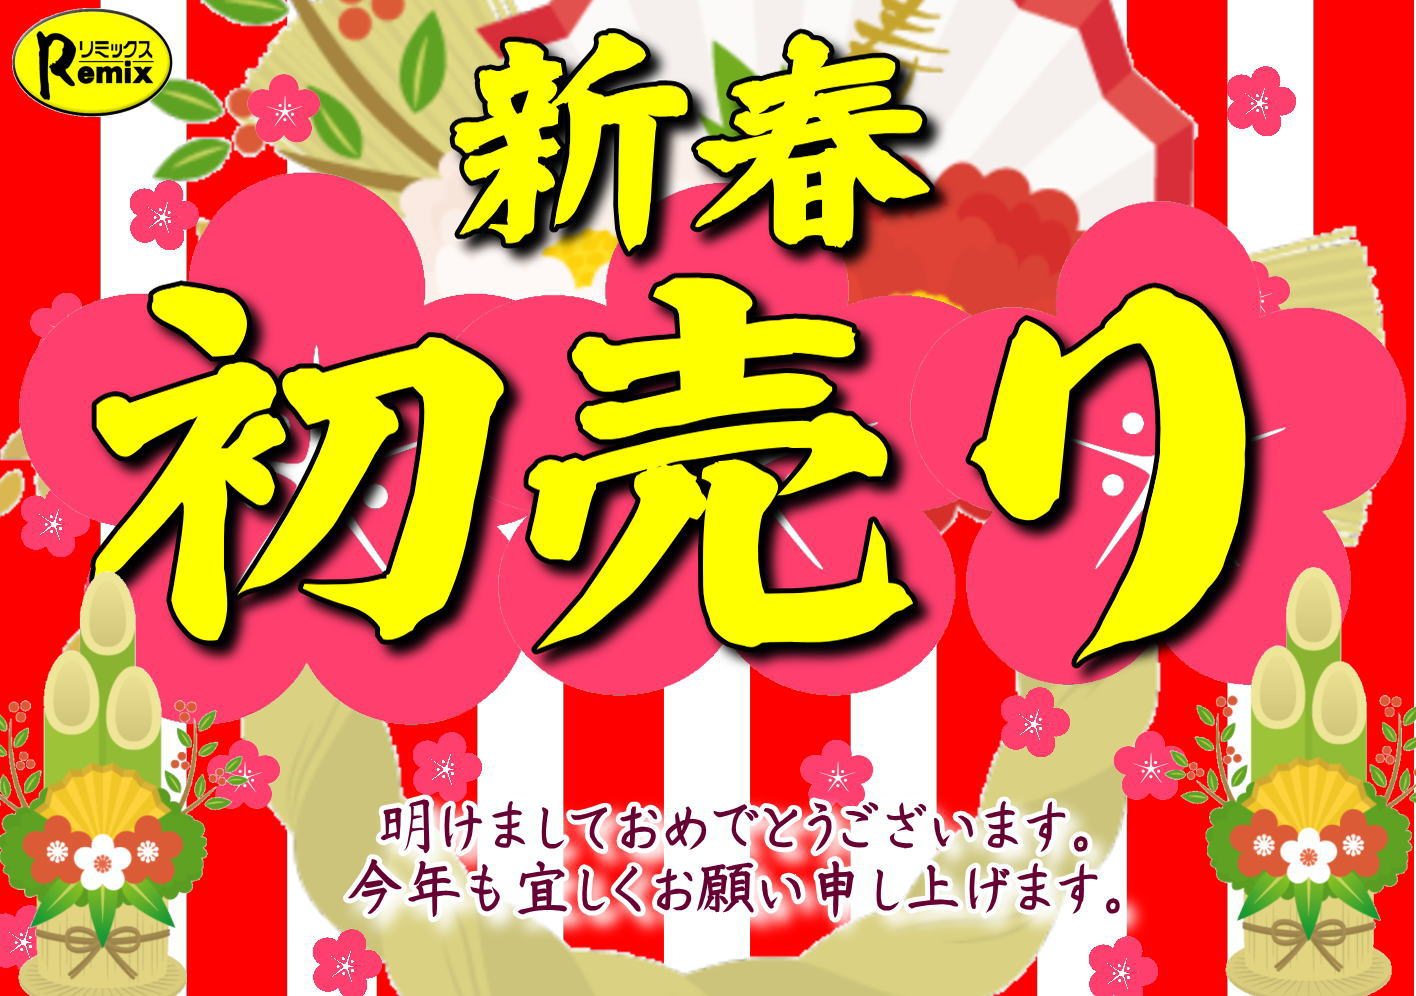 新春初売りお品書き@みなとペポニ